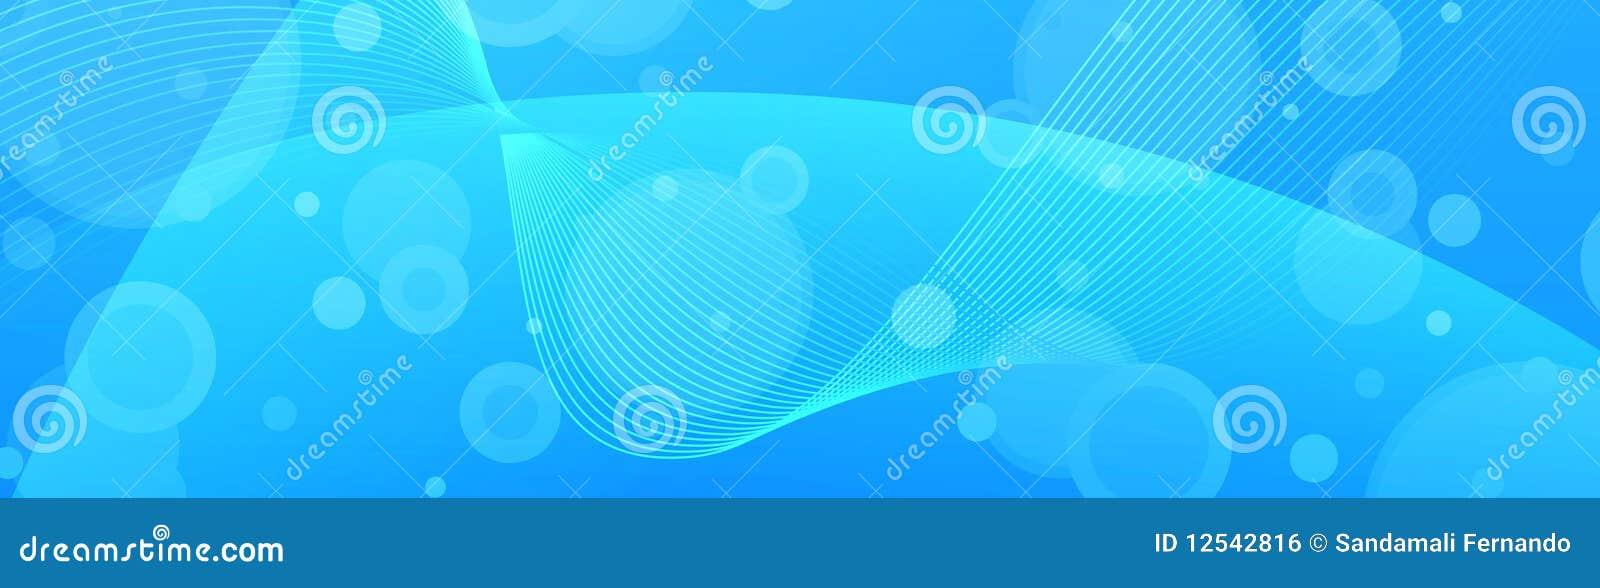 Retro- Web-Vorsatz/Fahne